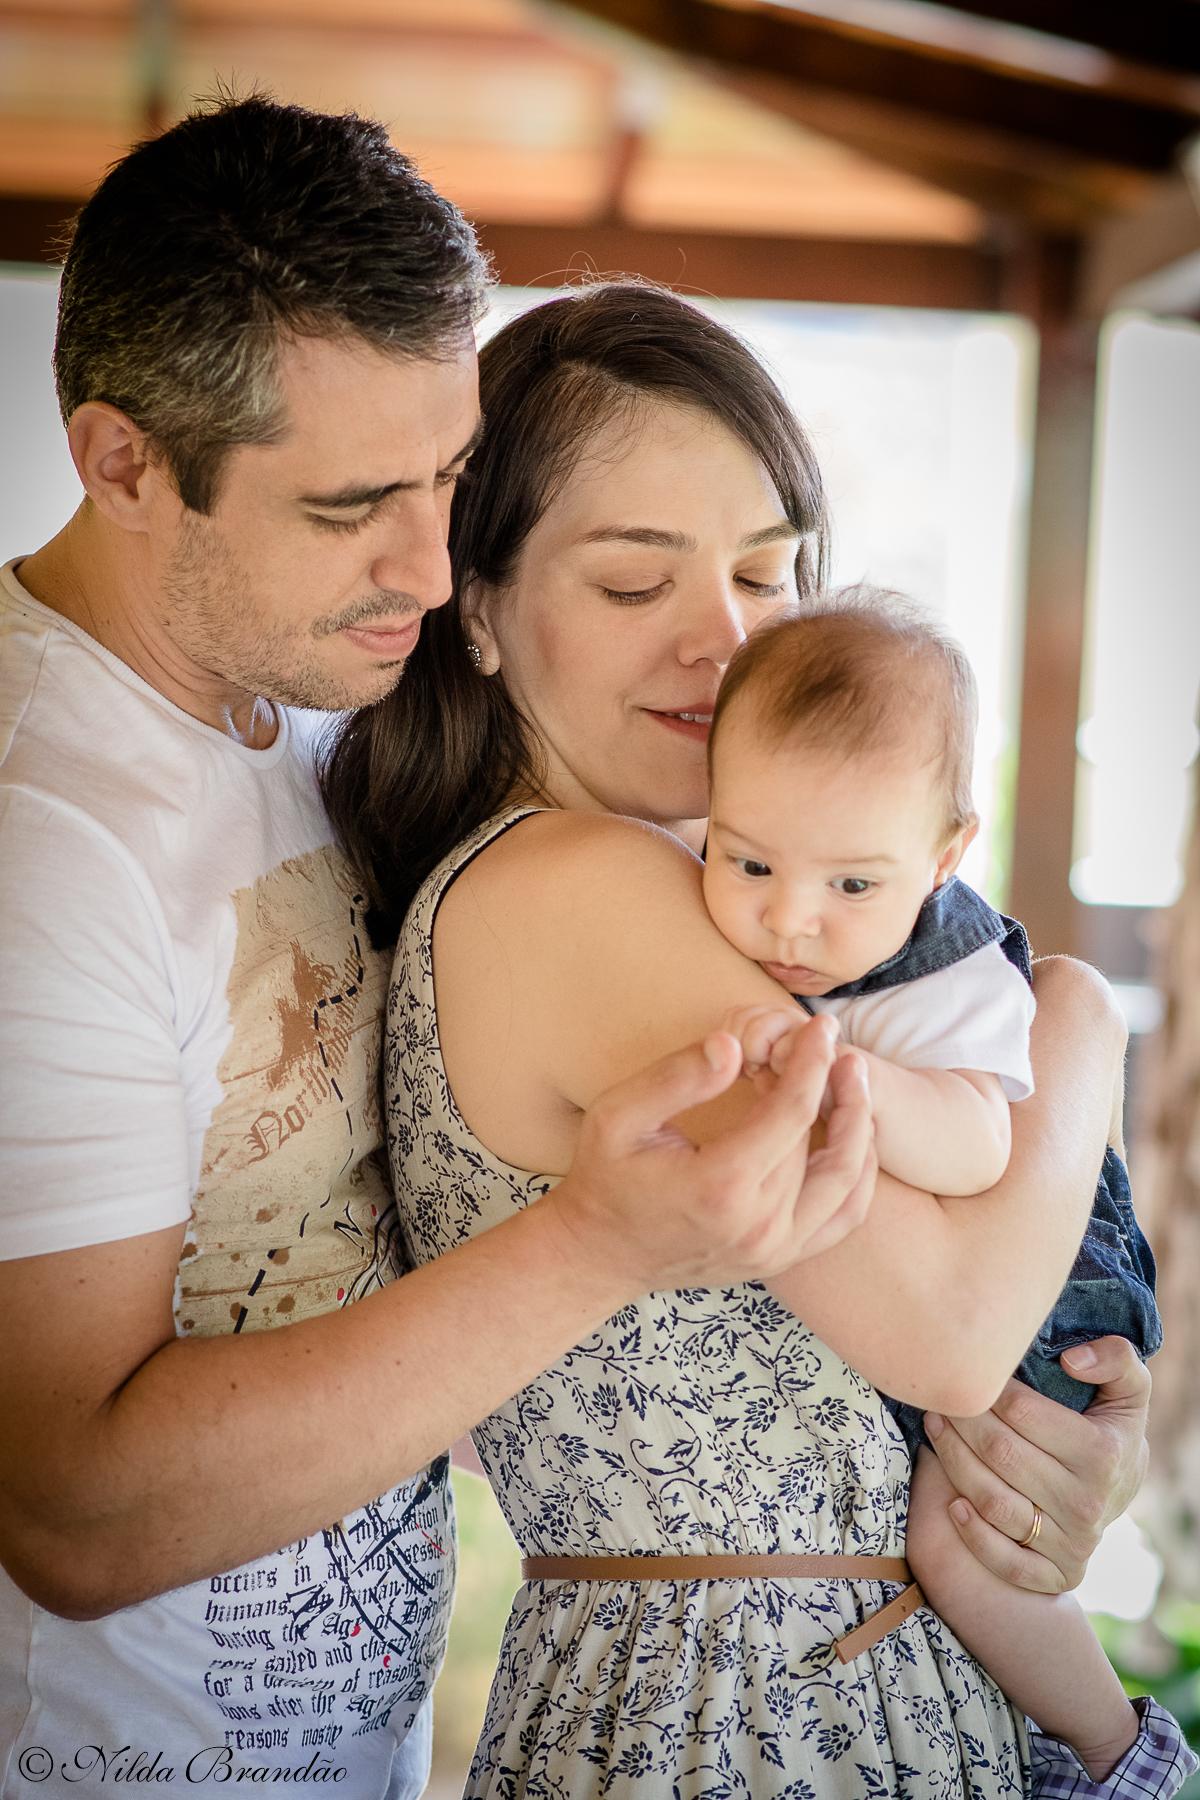 papai, mamãe e bebê nessa linda fotografia life style.